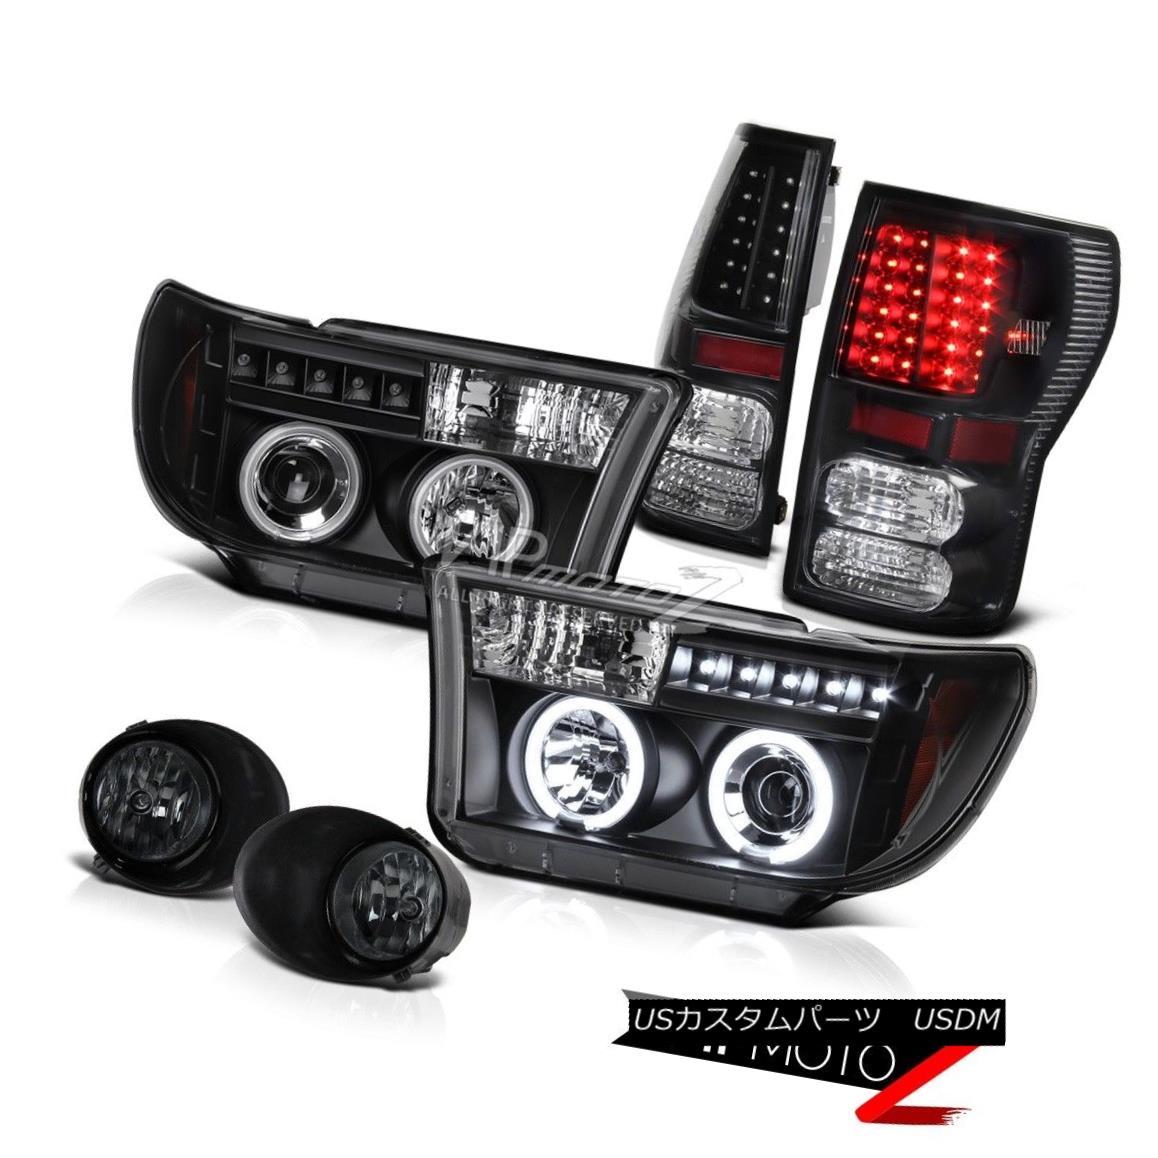 ヘッドライト CCFL Halo Projector Headlight+Led Tail Light+Fog Lamp Toyota Tundra 07-13 SR5 CCFLハロープロジェクターヘッドライト+ Ledテールライト+ FogランプToyota Tundra 07-13 SR5